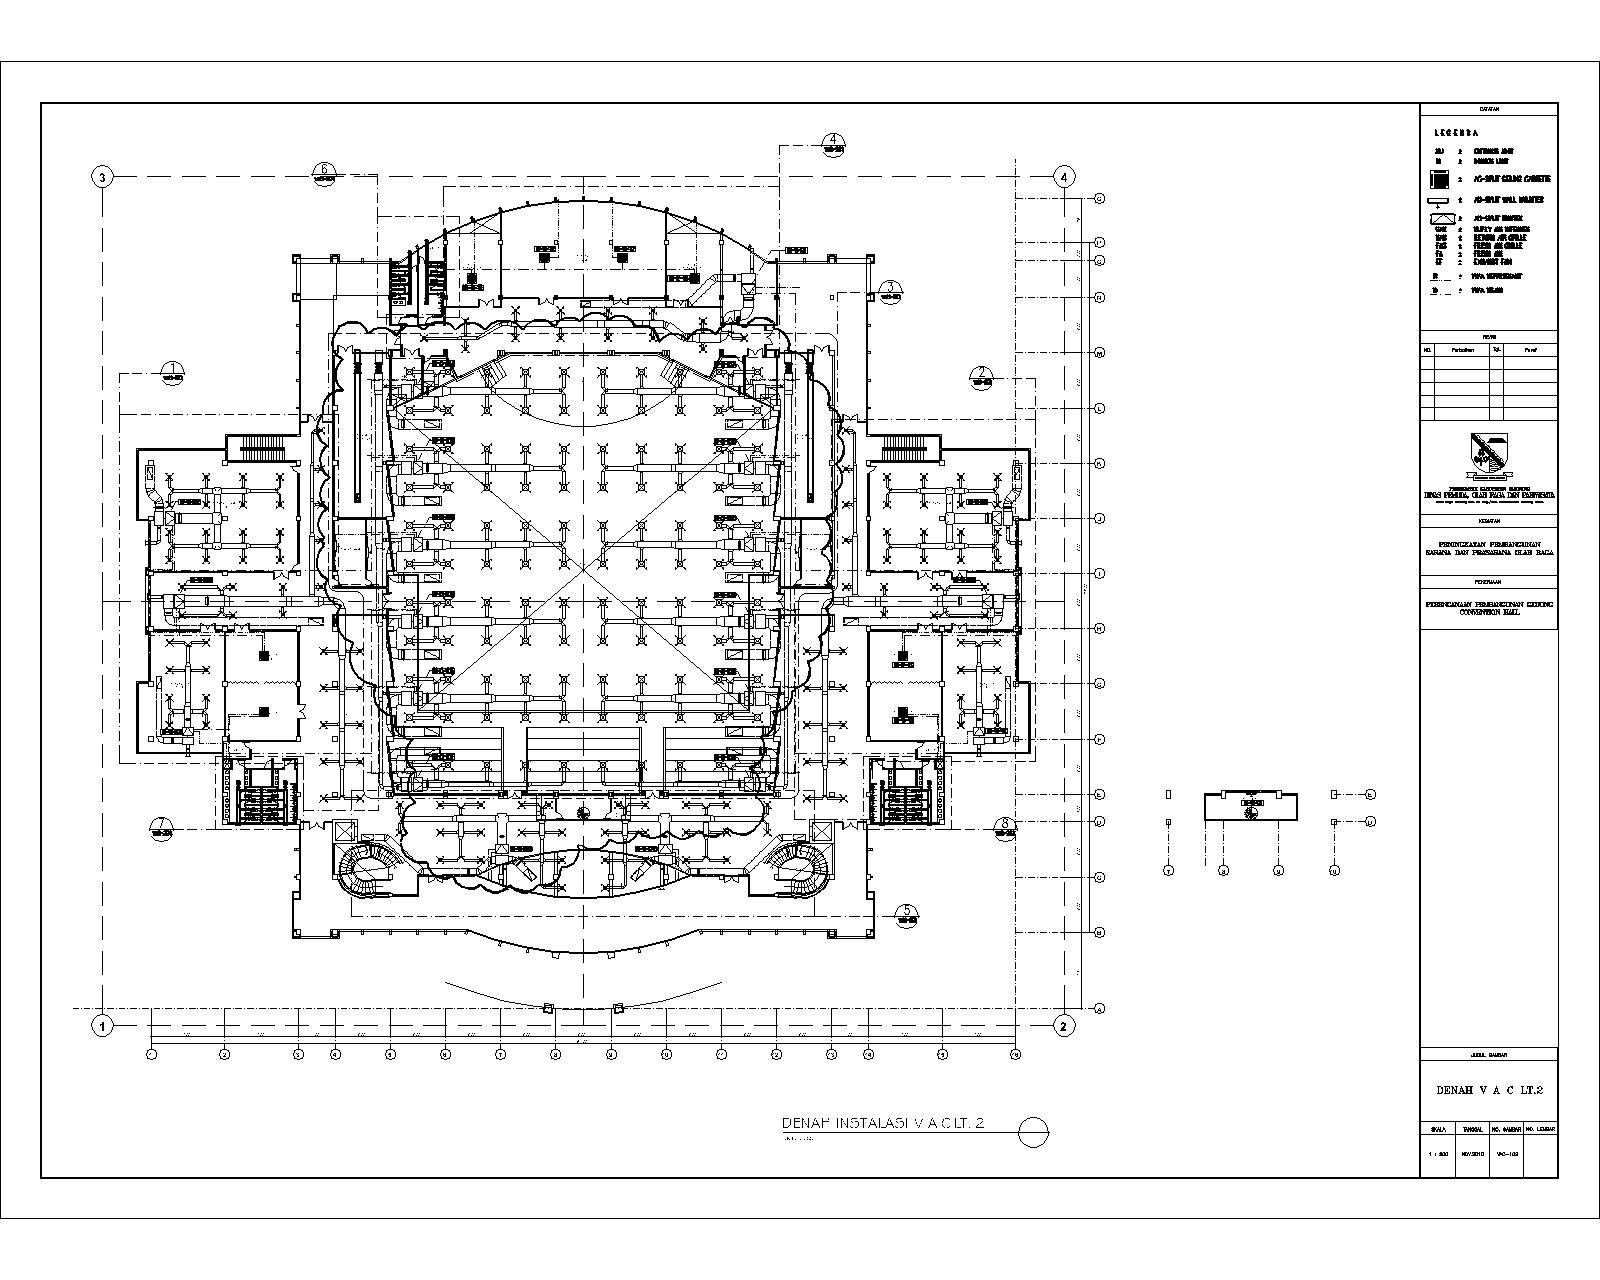 Mep Mekanikal Elektrikal Plambing Instalasi Hvac Gedung